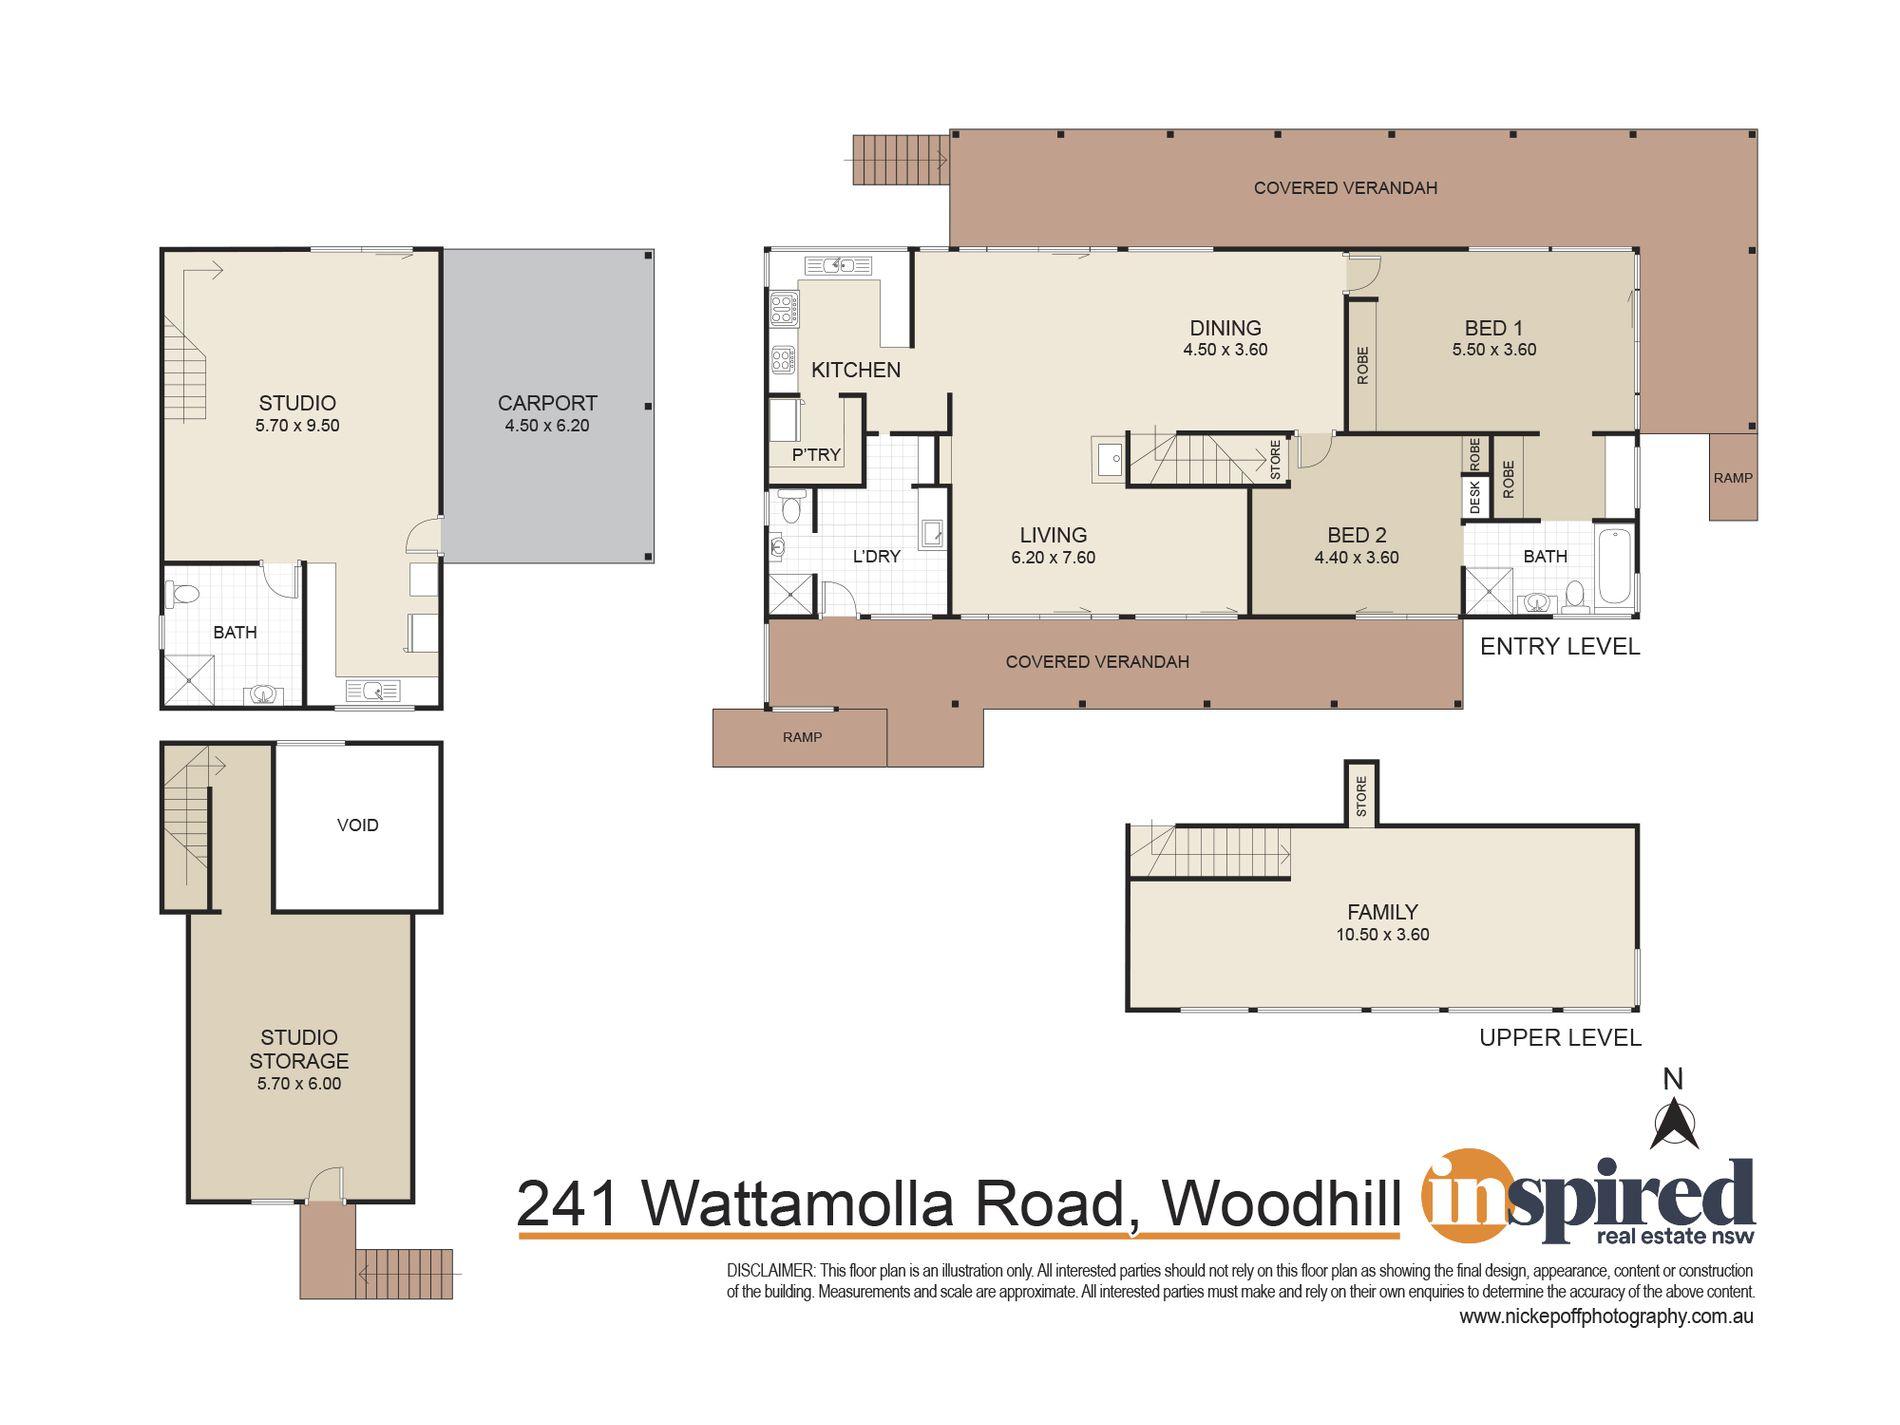 241 Wattamolla Road, Woodhill